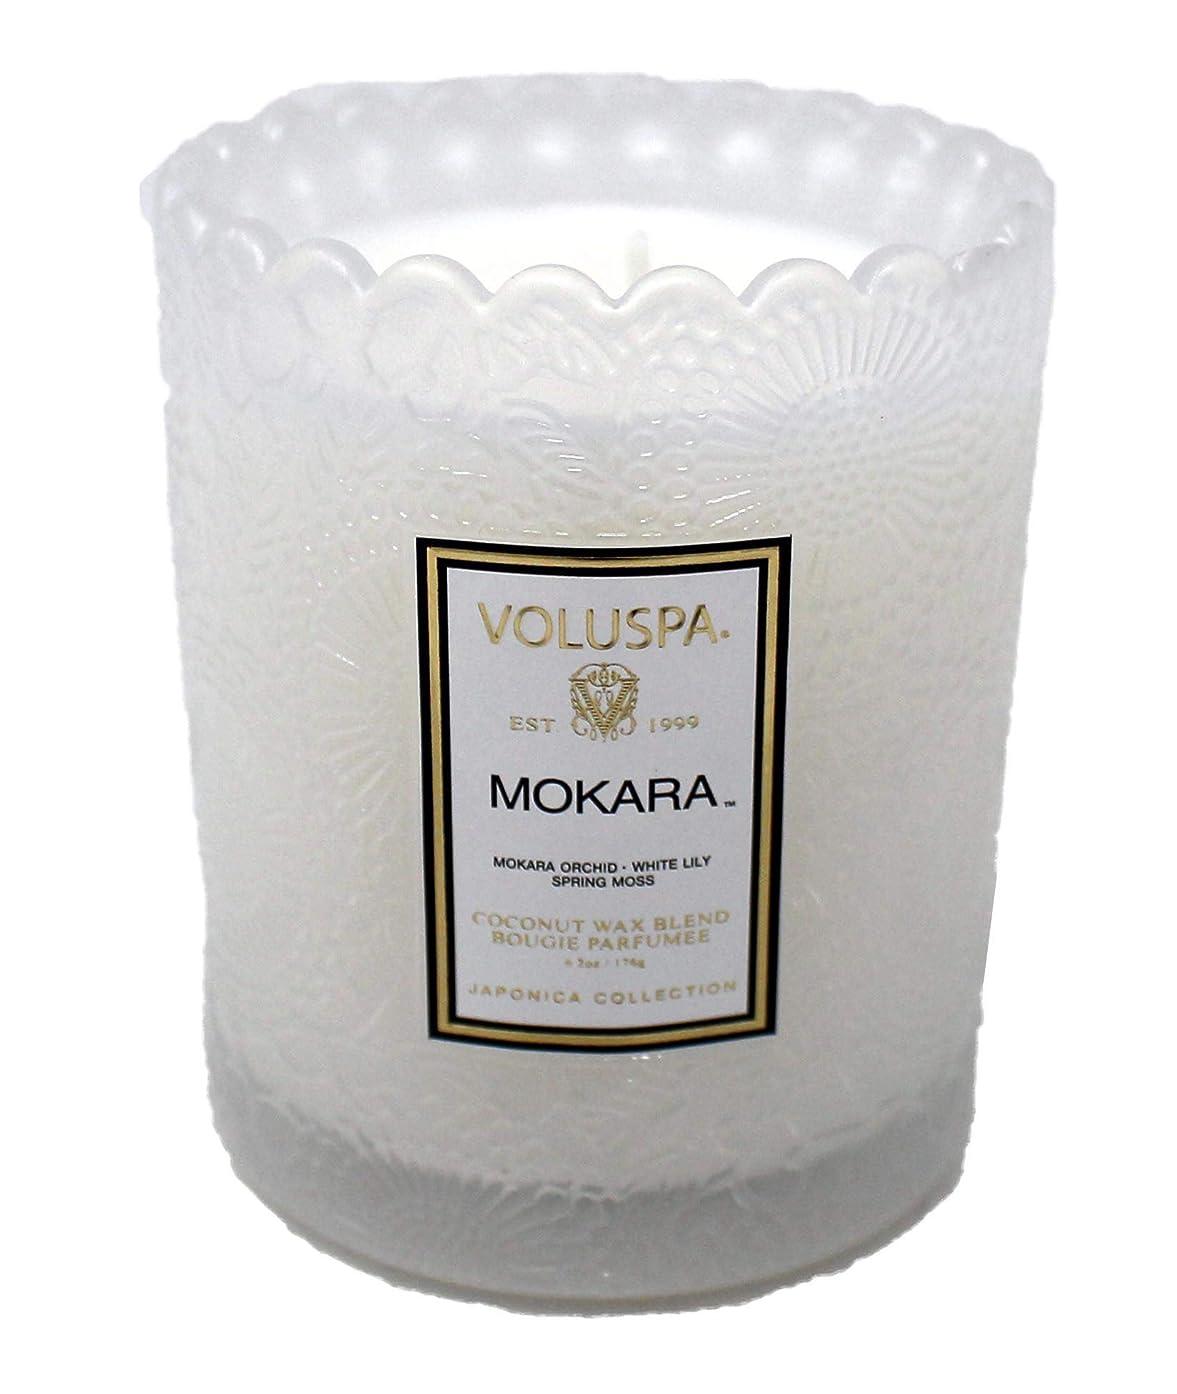 光電学部余計なVoluspa ボルスパ ジャポニカ スカラップグラスキャンドル モカラ JAPONICA Glass Candle MOKARA